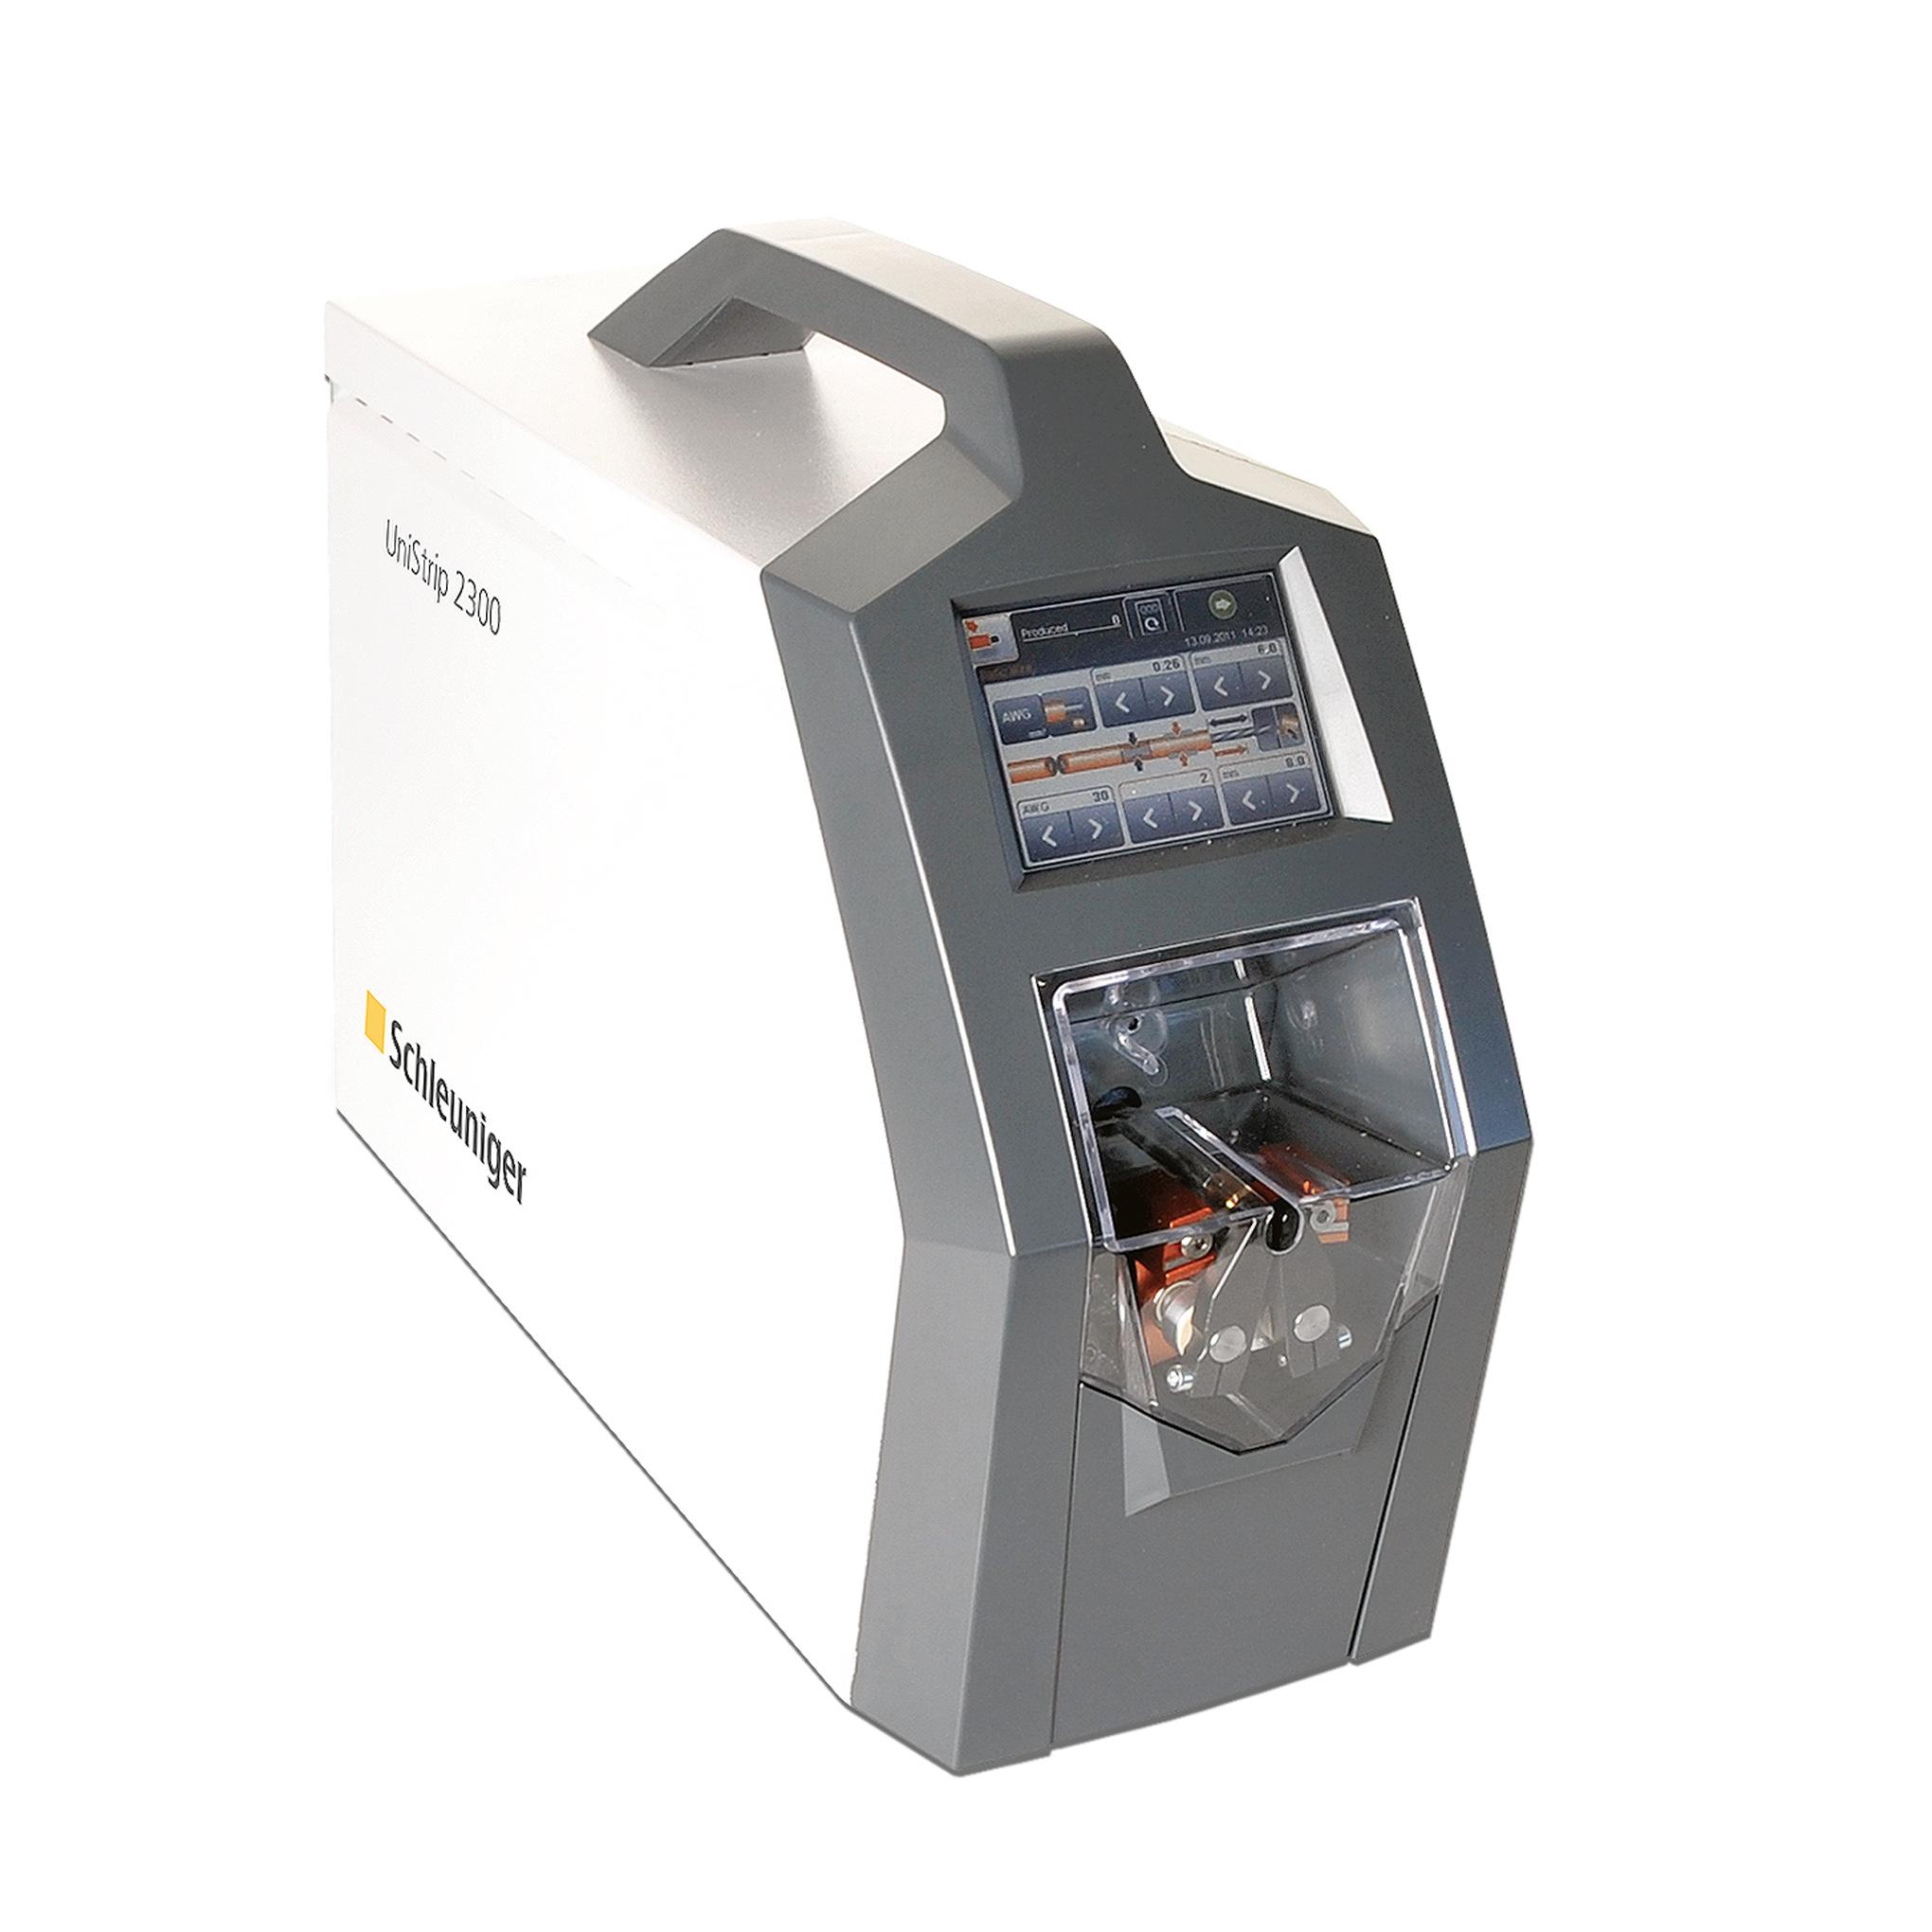 UniStrip 2300<br>programmierbare Abisoliermaschine